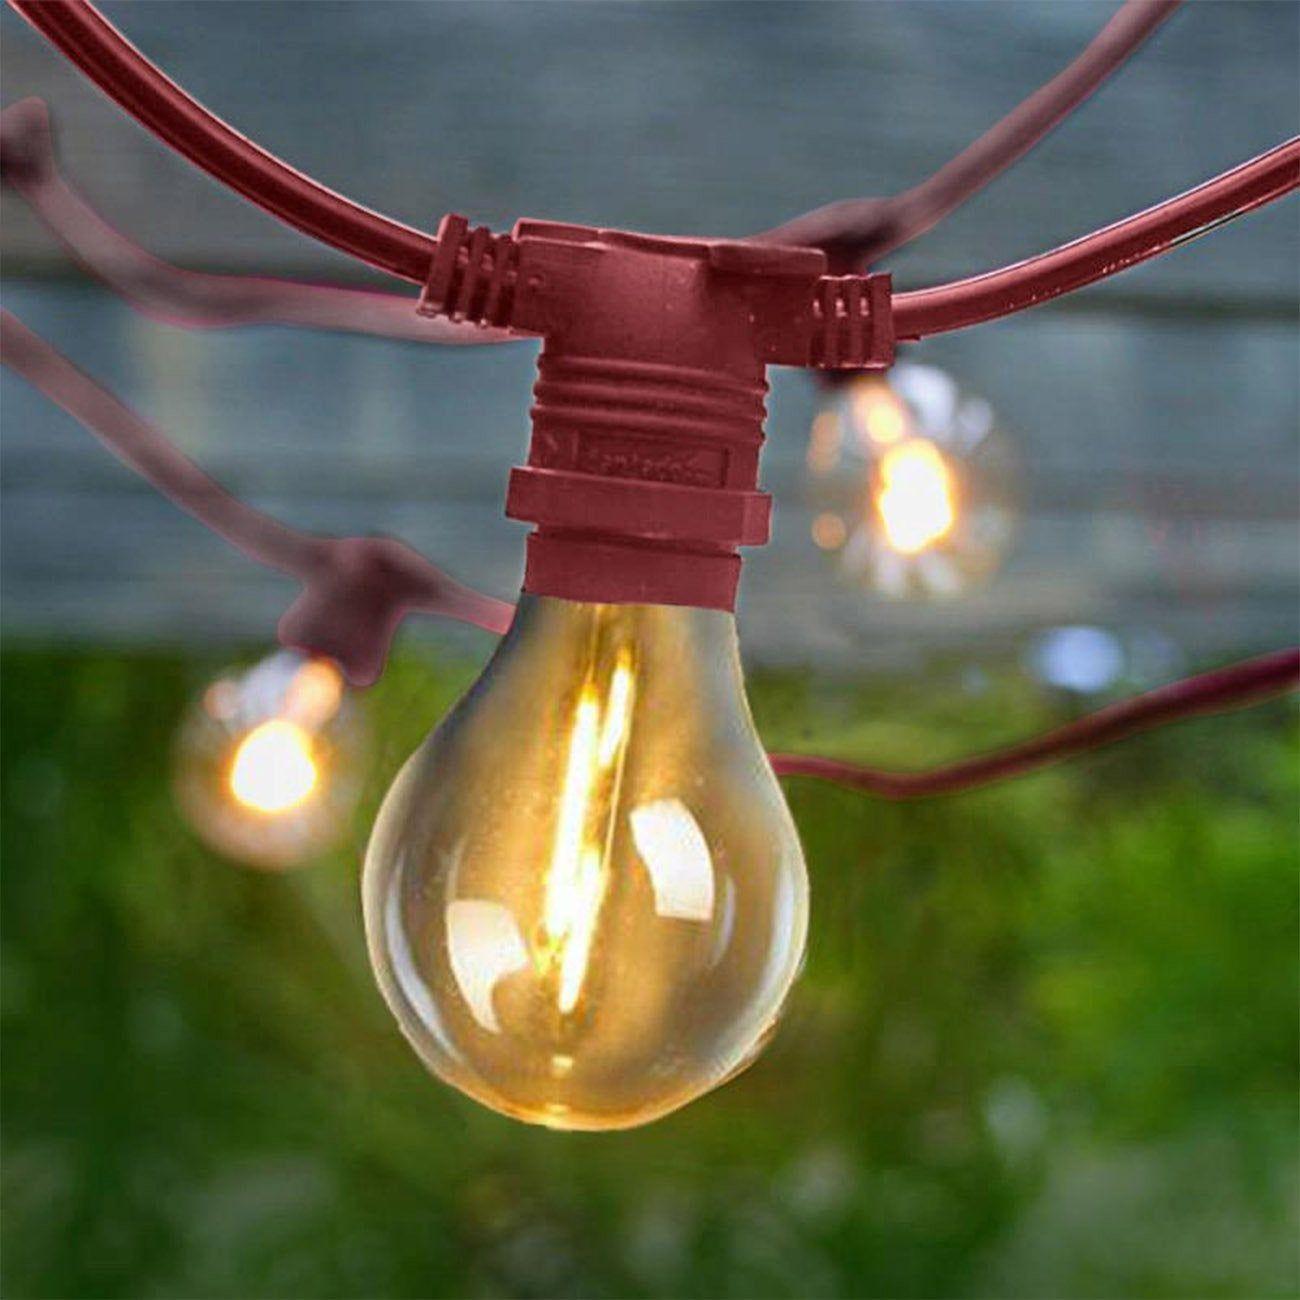 Guirlande Solaire Et Rechargeable Usb 10 Ampoules 200 Lumens Riogrande Leroy Merlin En 2020 Guirlande Solaire Mobilier Jardin Guirlande Exterieur